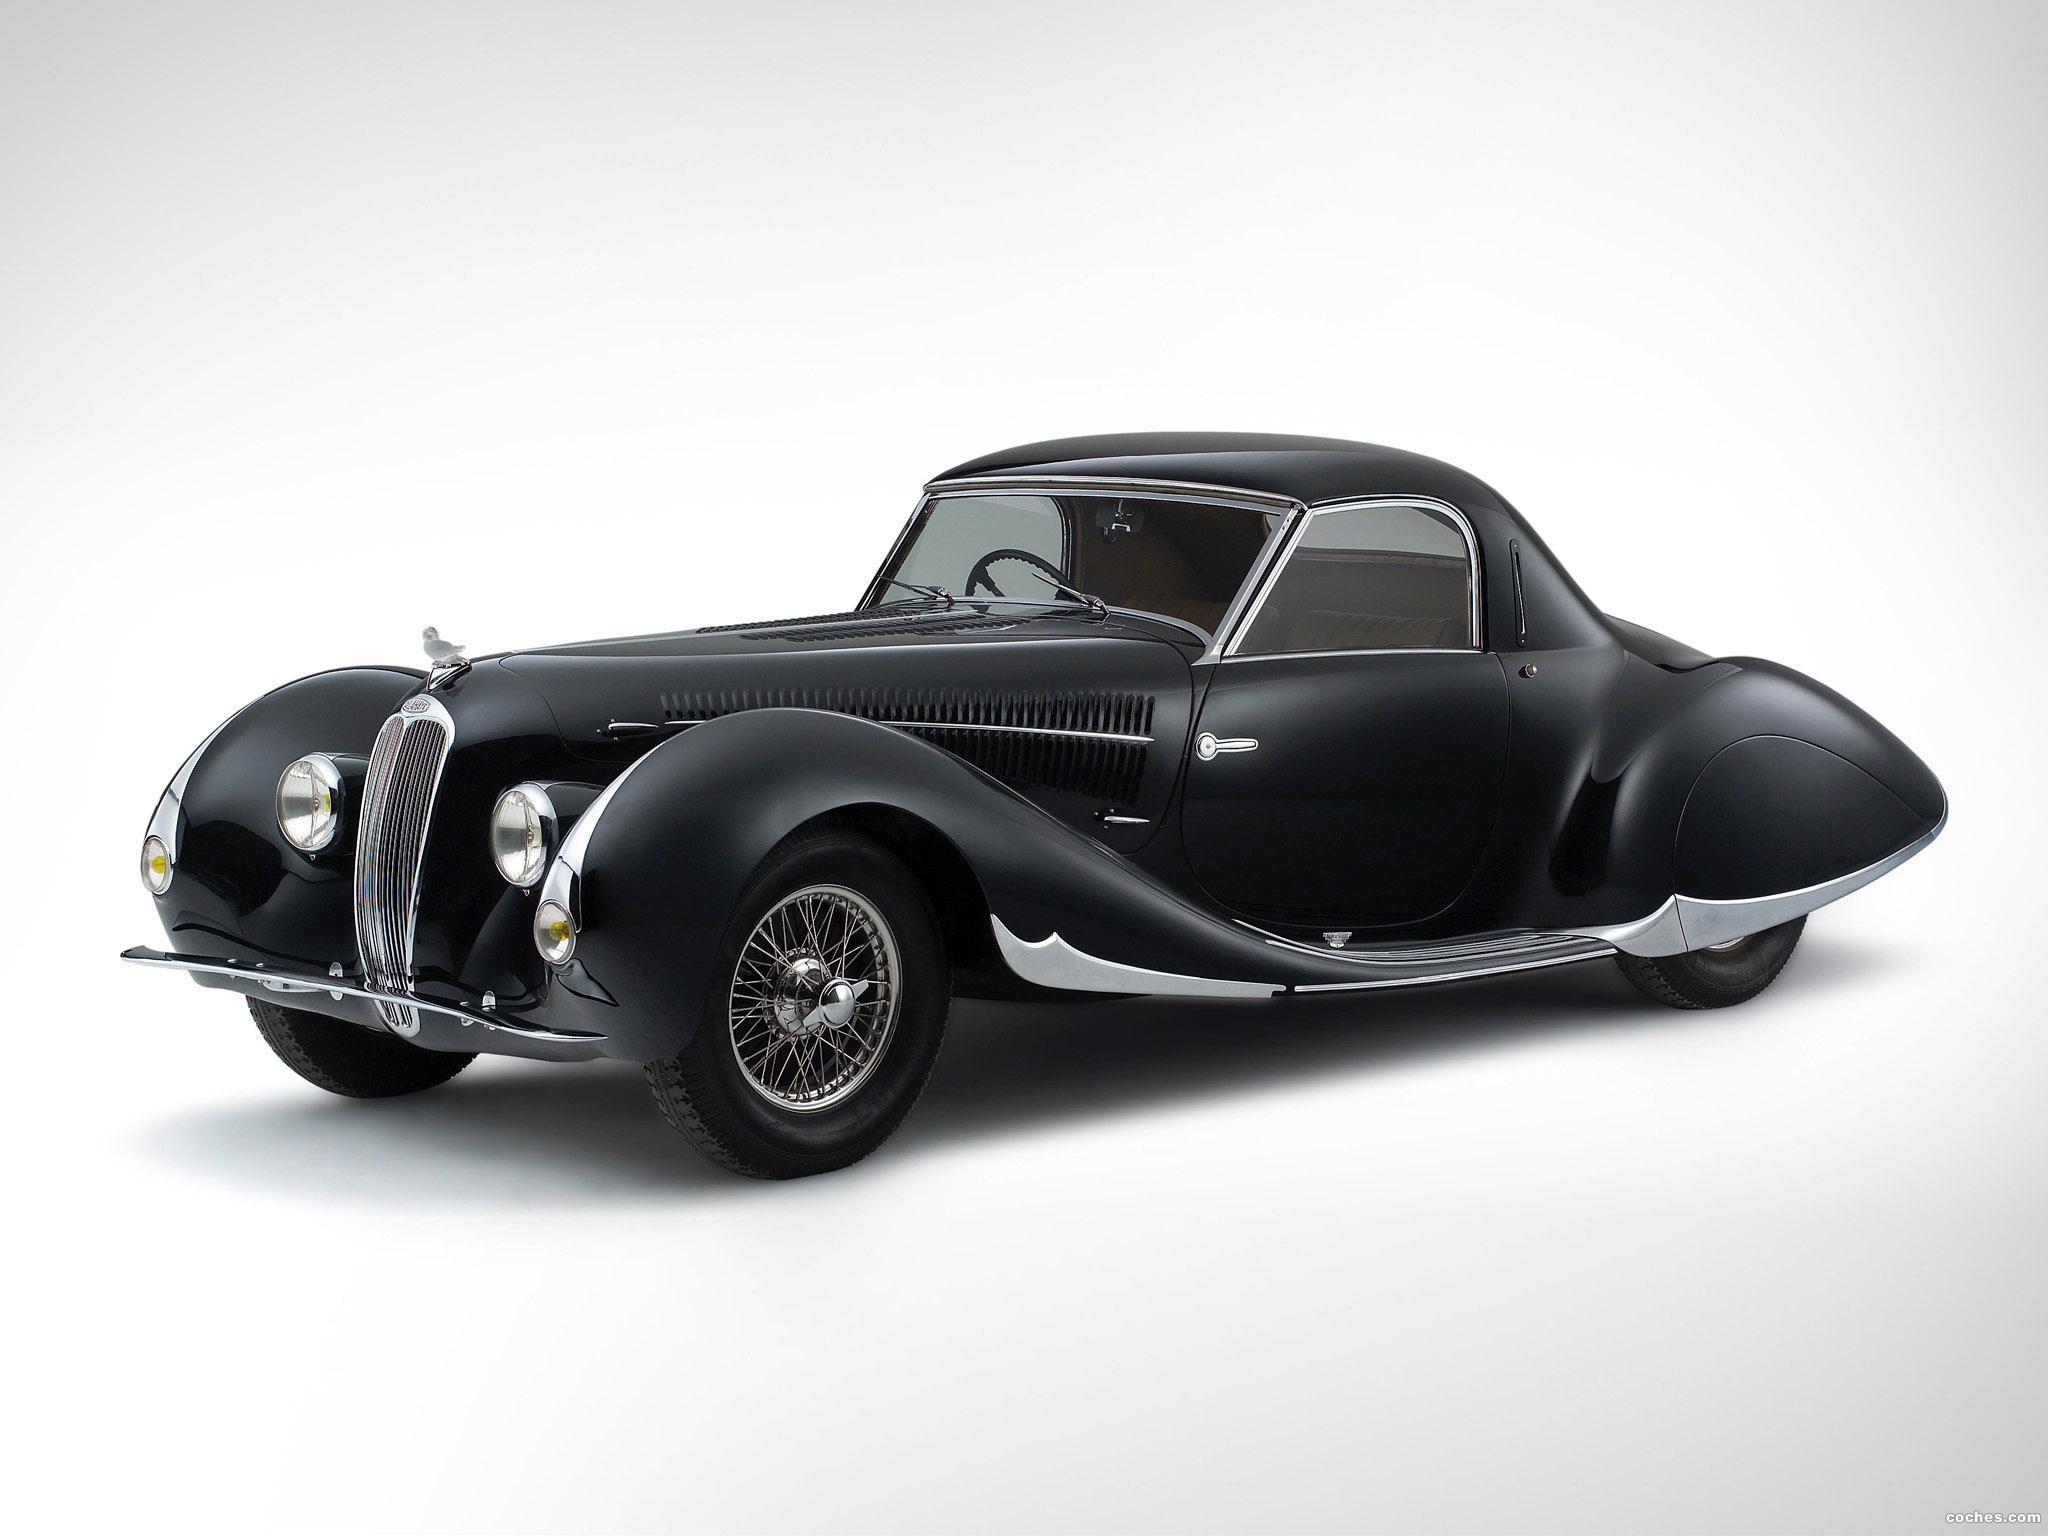 Foto 2 de Delahaye 135 MS Coupe Figoni et Falaschi 1938